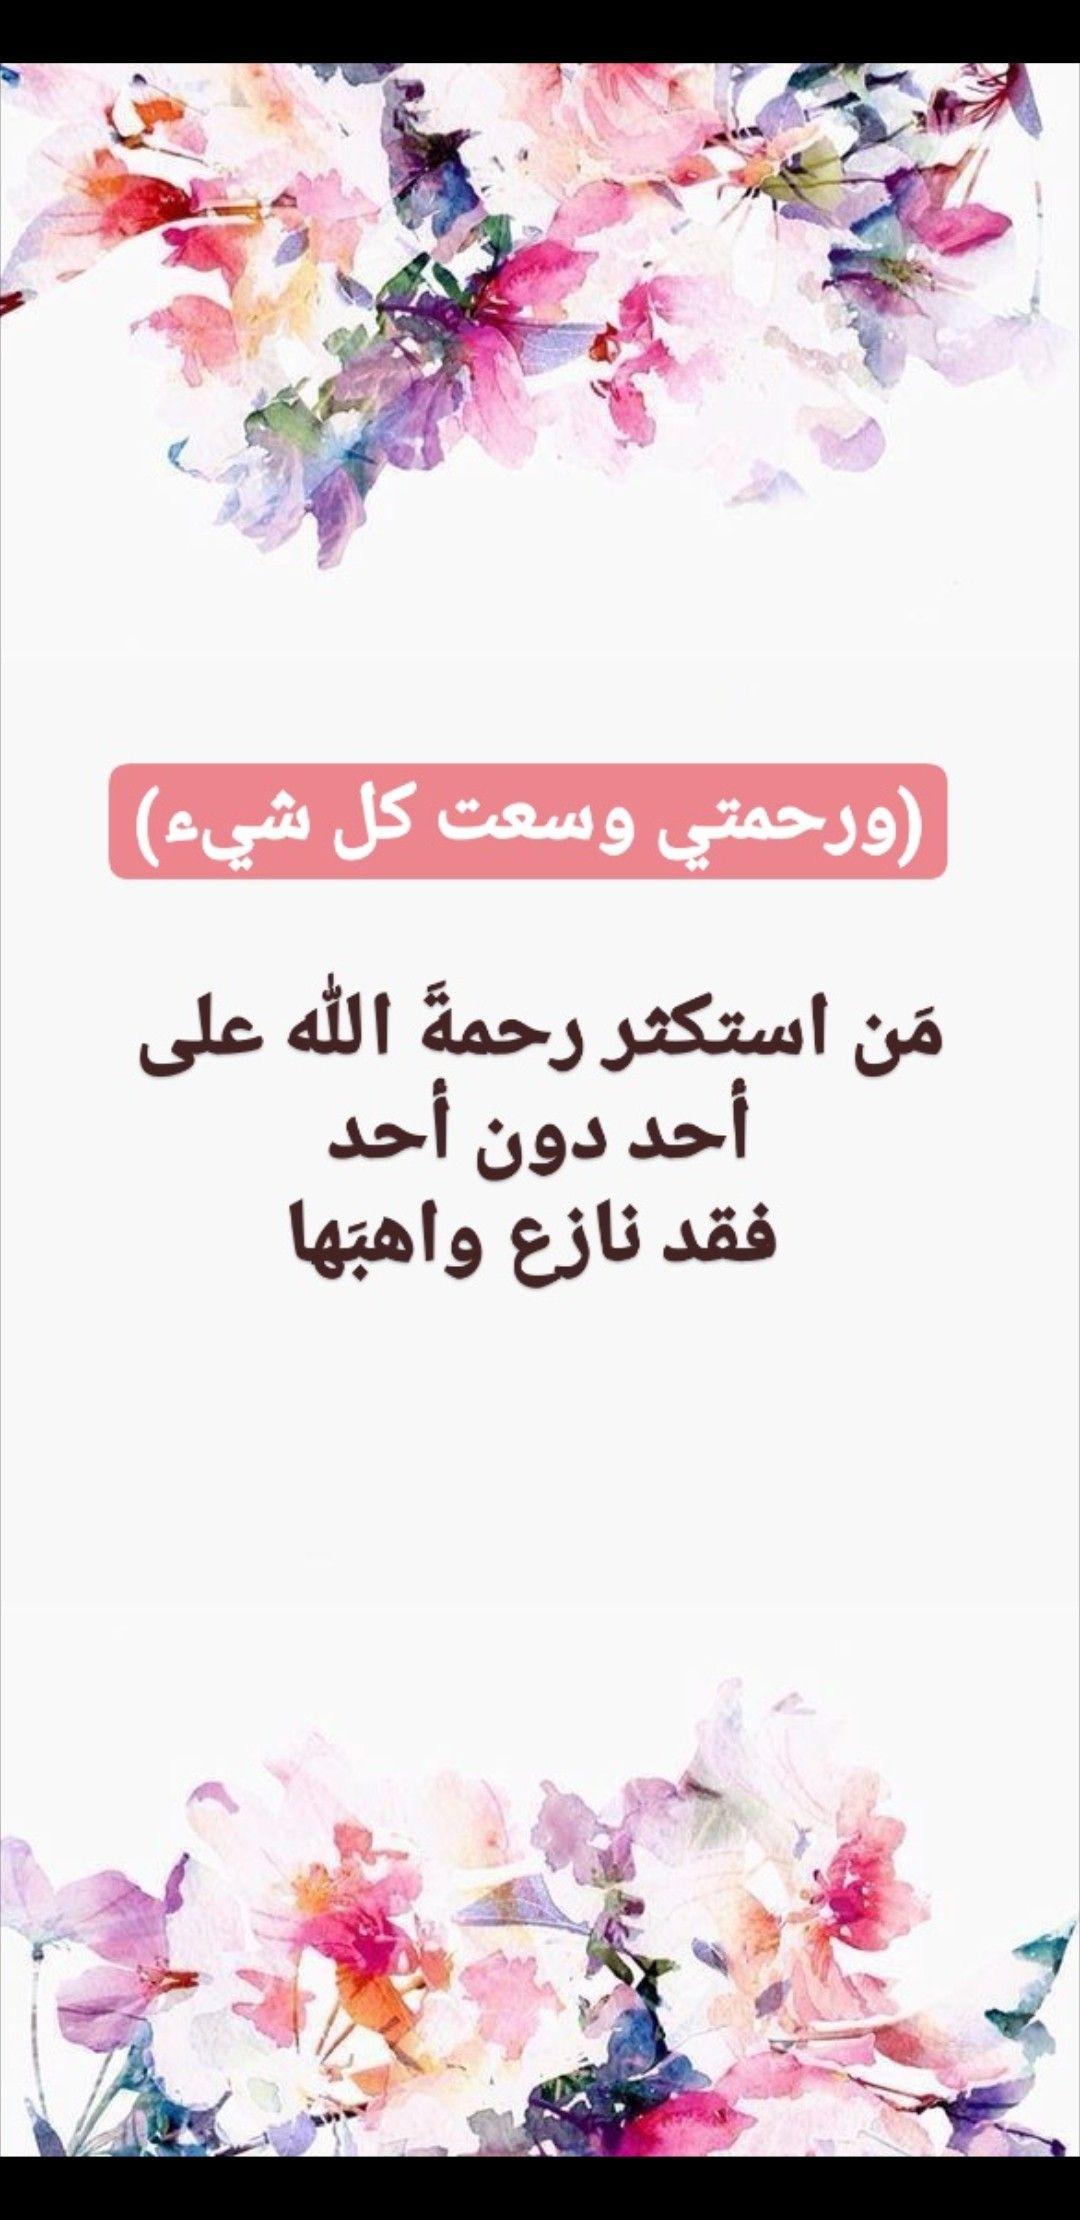 رحمتك يا رب مناجاه دعاء تضرع تدبر خلفيات إسلامية Islam Lei Necklace Poster